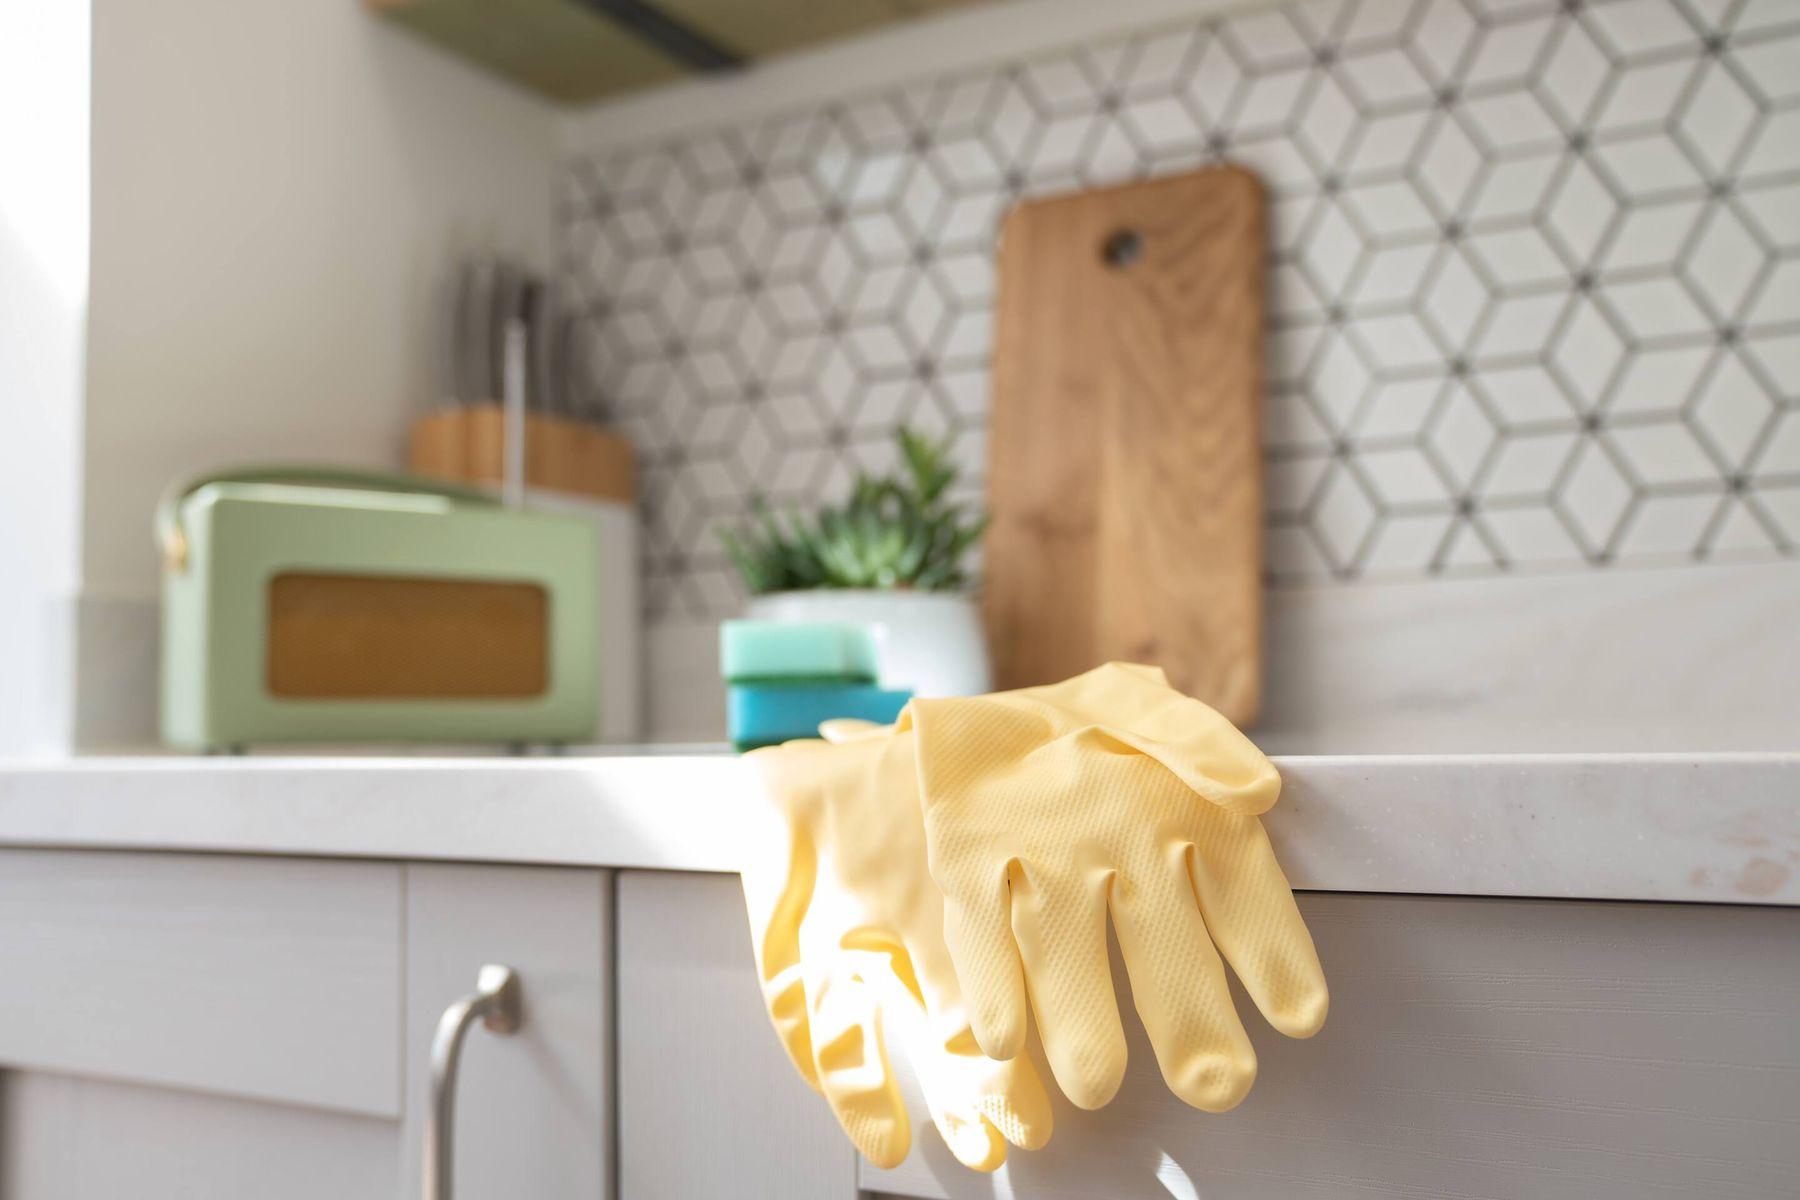 Mutfak tezgahı ve hijyenik temizlik